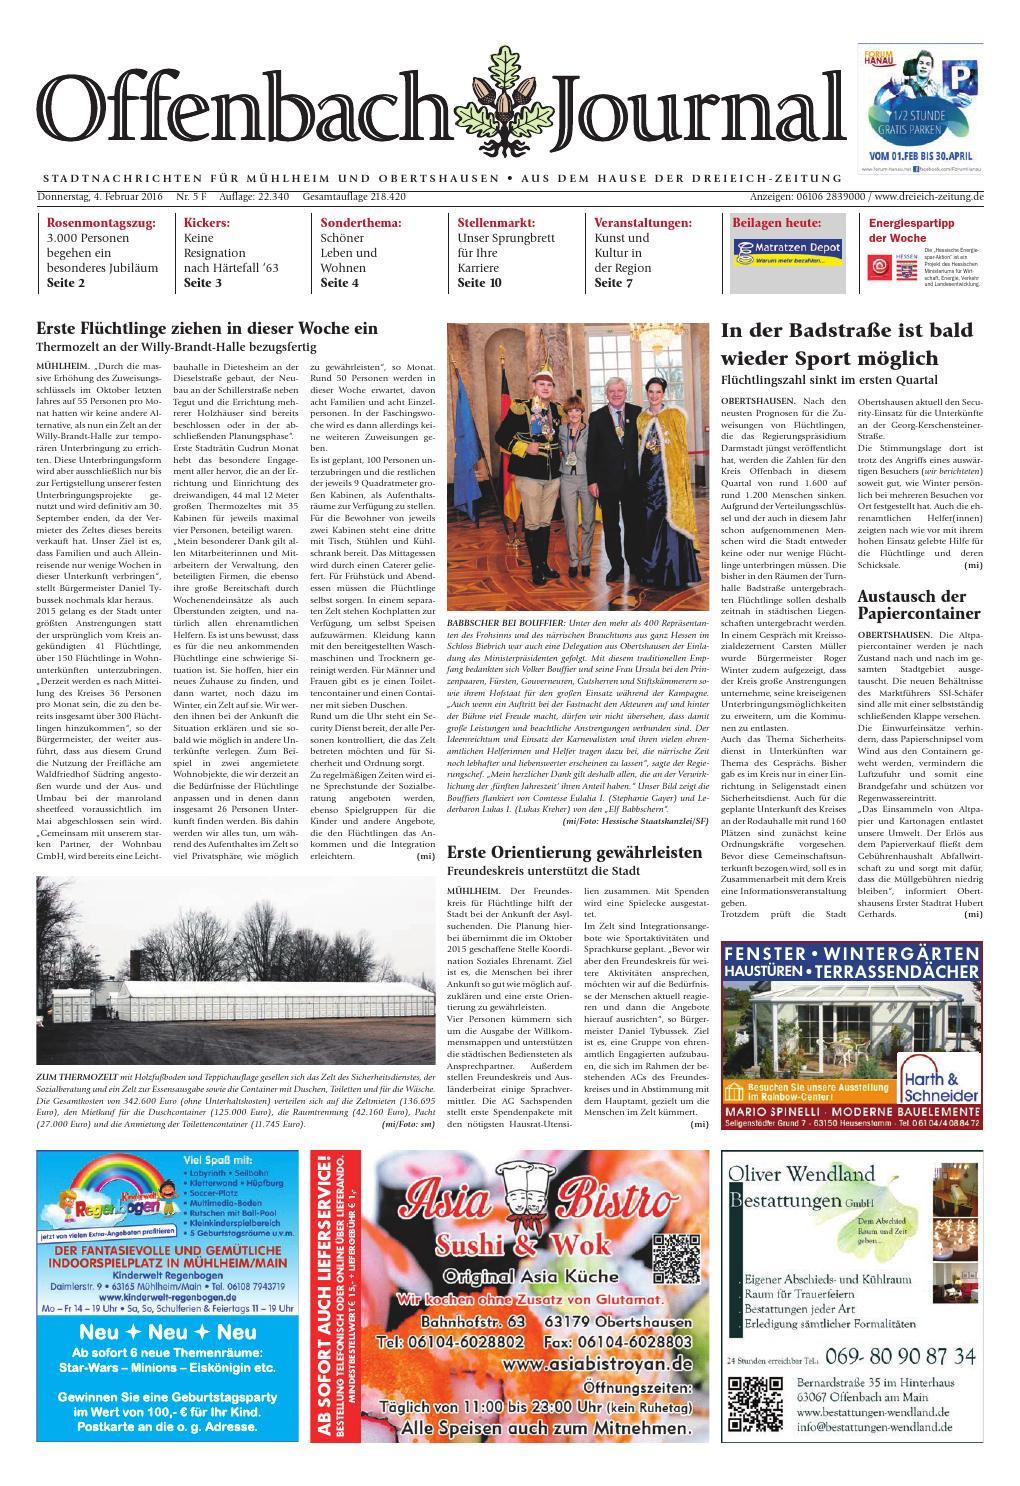 18+ Dz online 8 8 f by Dreieich Zeitung/Offenbach Journal   issuu Fotos